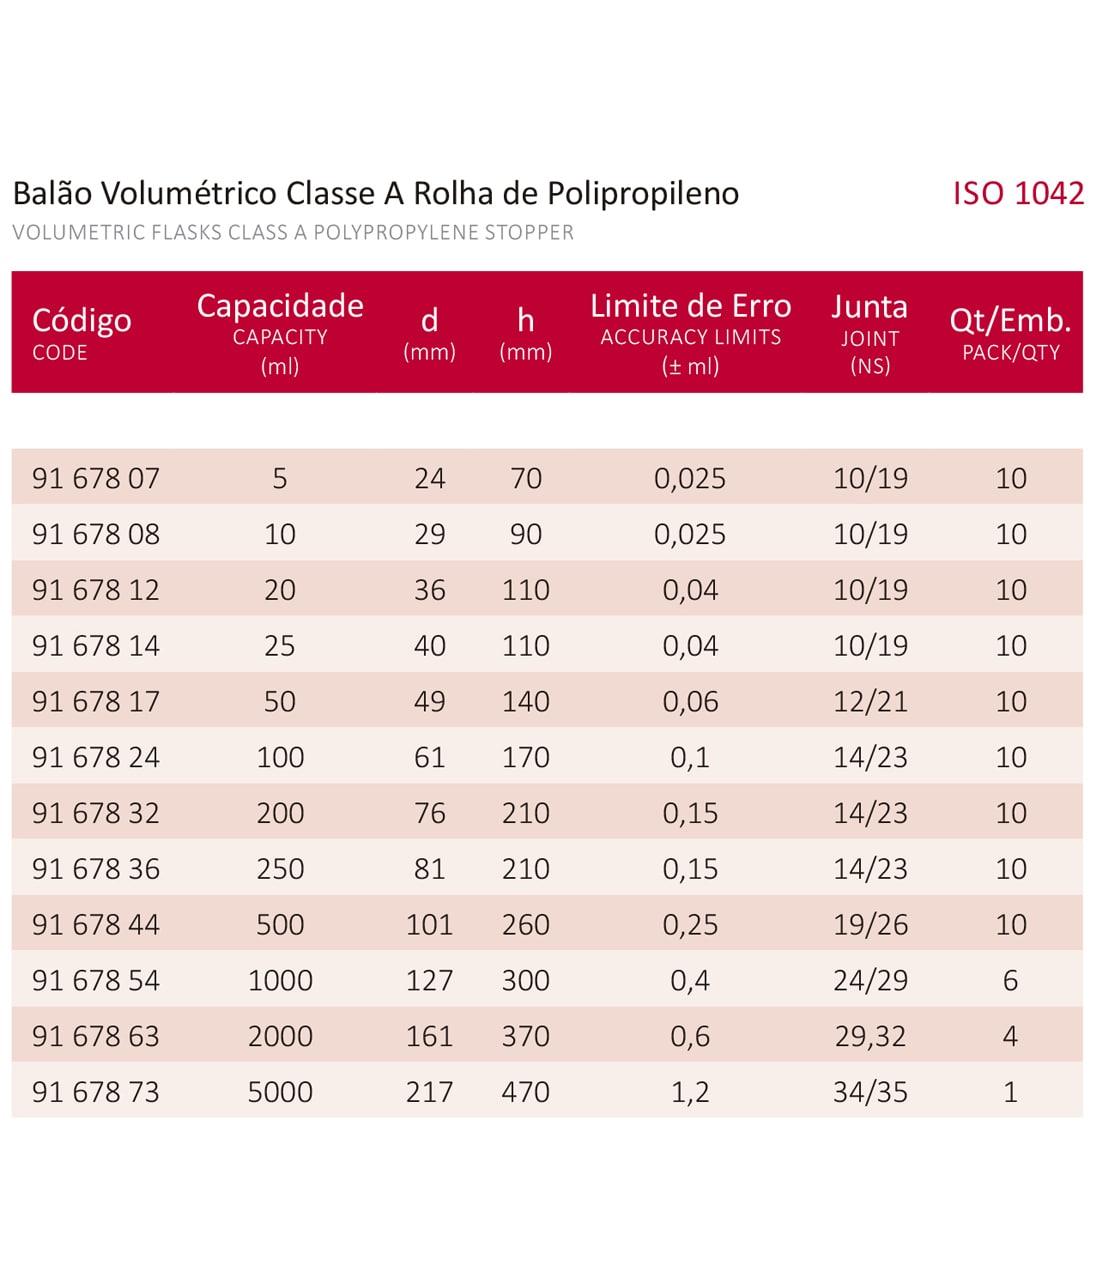 BALÃO VOLUMÉTRICO CLASSE A ROLHA POLI C/ CERTIFICADO RASTREÁVEL 10 ML - Marca Laborglas - Cód. 9167808-C